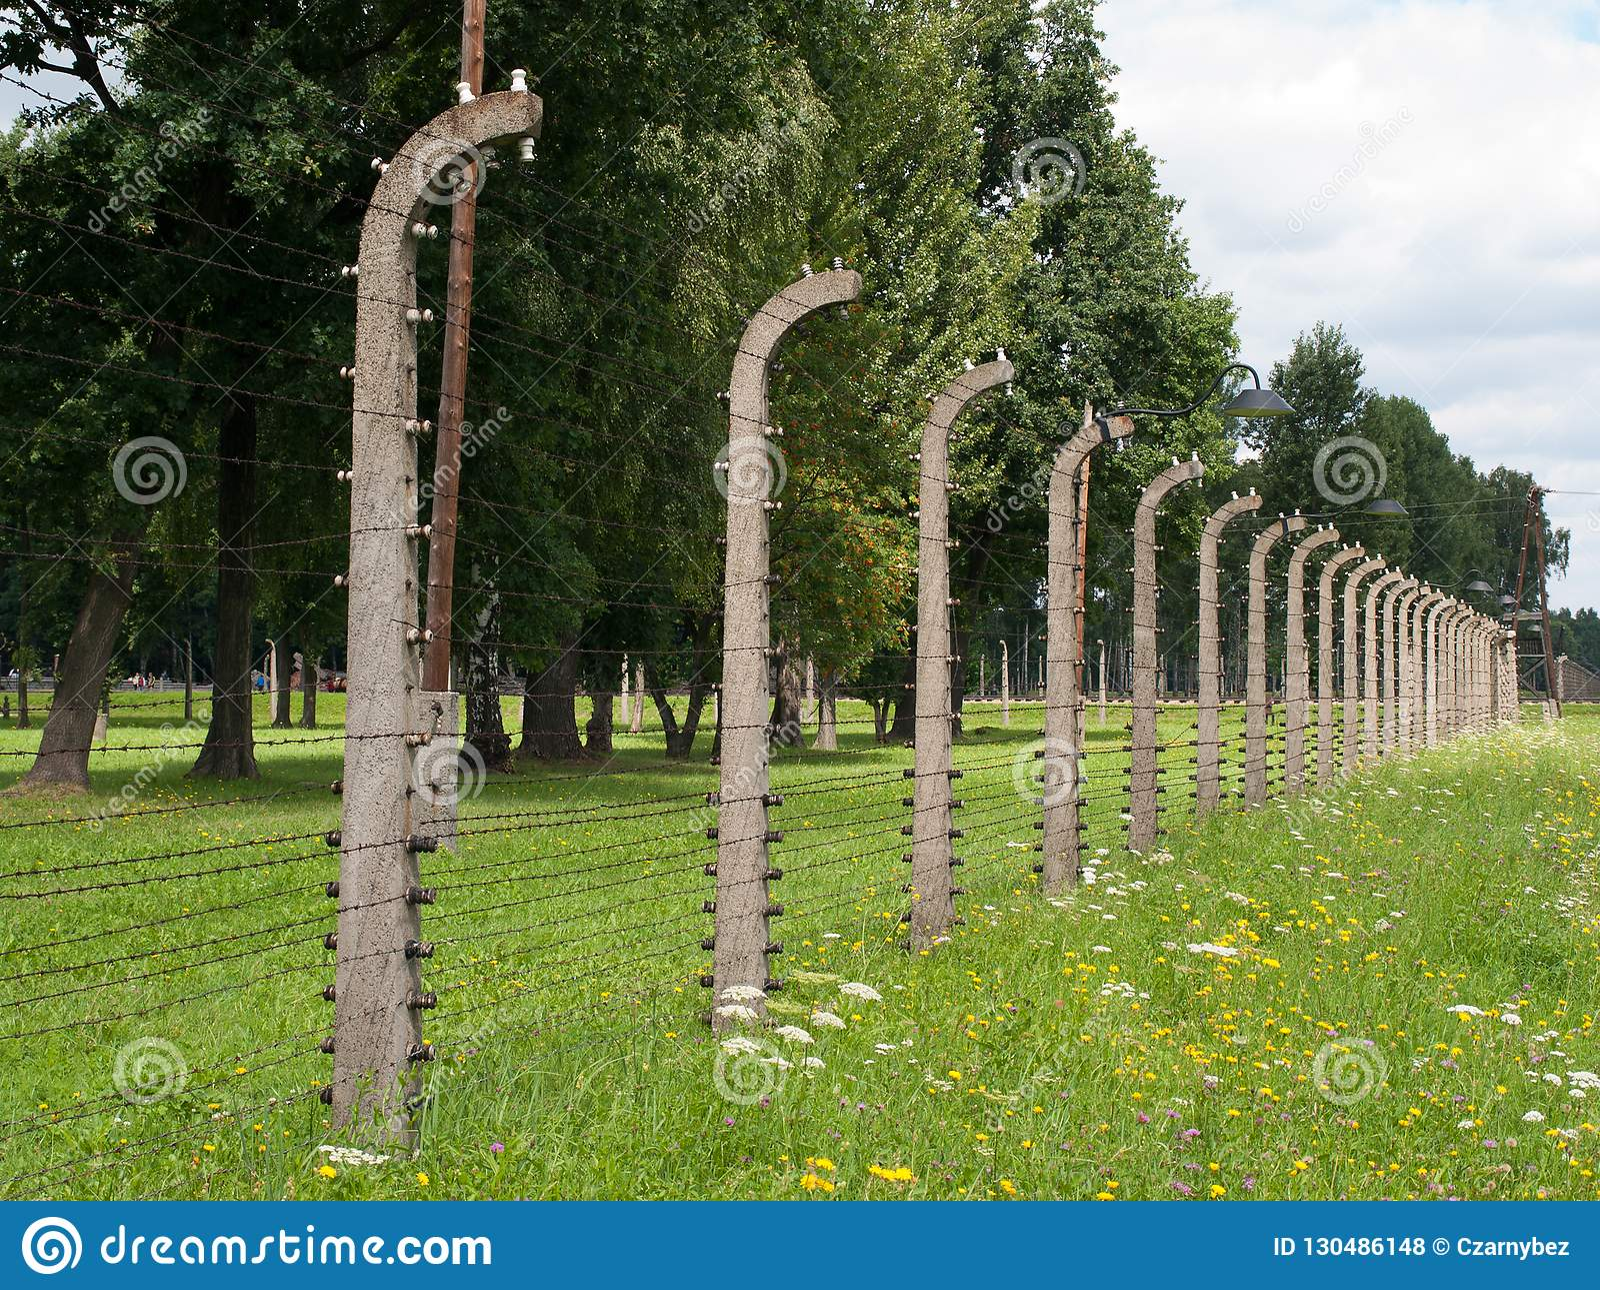 Auschwitz II Birkenau, Polska, Listopad 4, 2014 - Niemiecka Nazistowska koncentracja i eksterminacja obozujemy